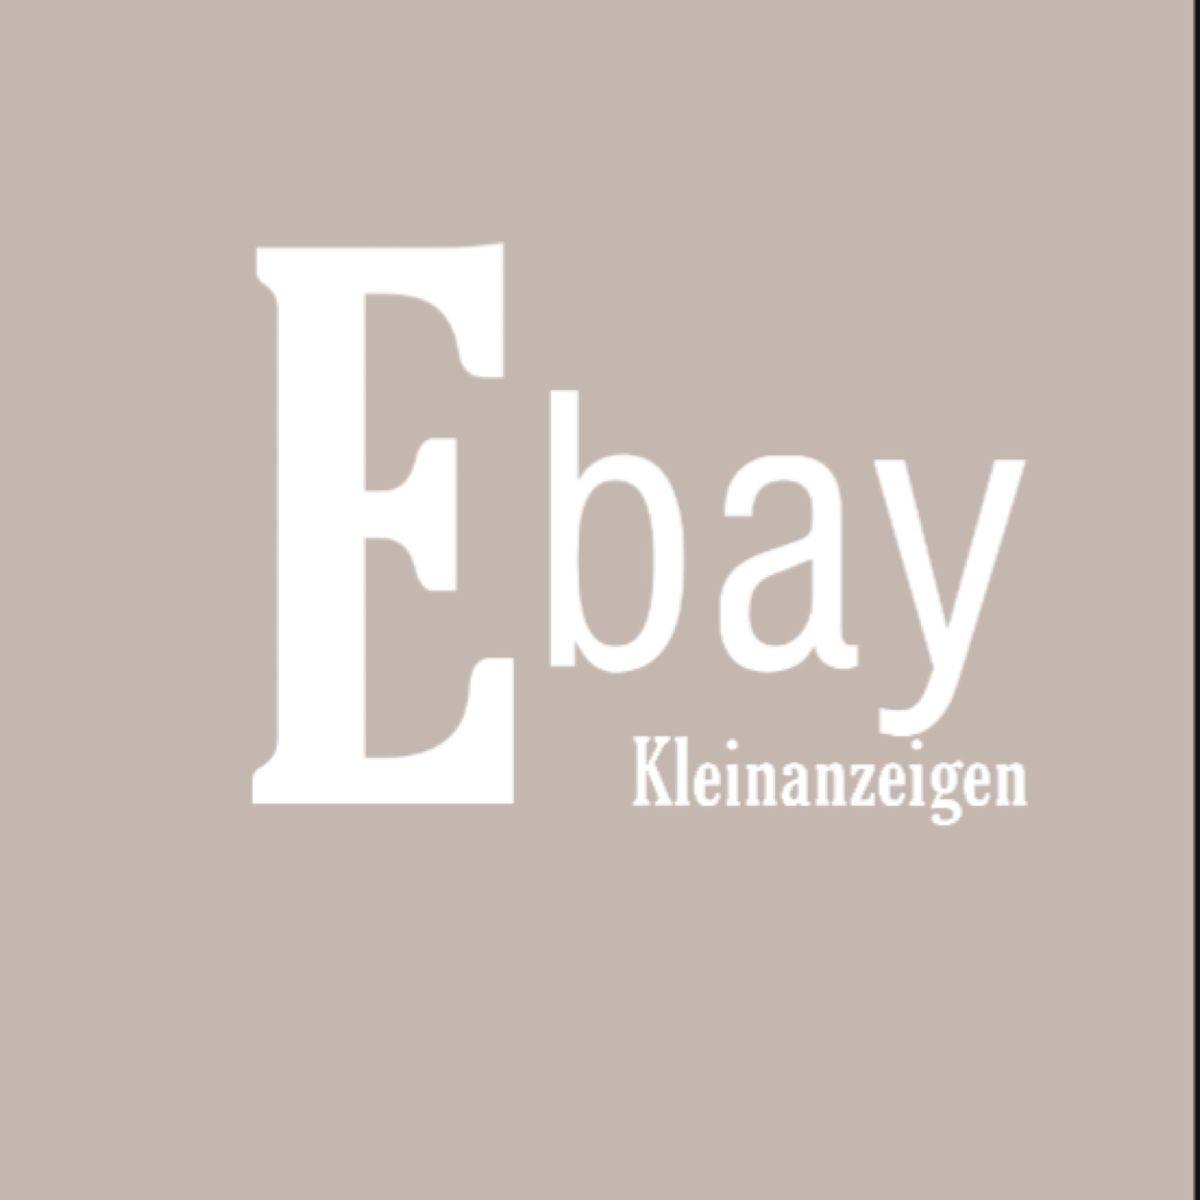 Ebay Kleinanzeigen Icon Beige Ebay Kleinanzeigen Kleinanzeigen Ebay